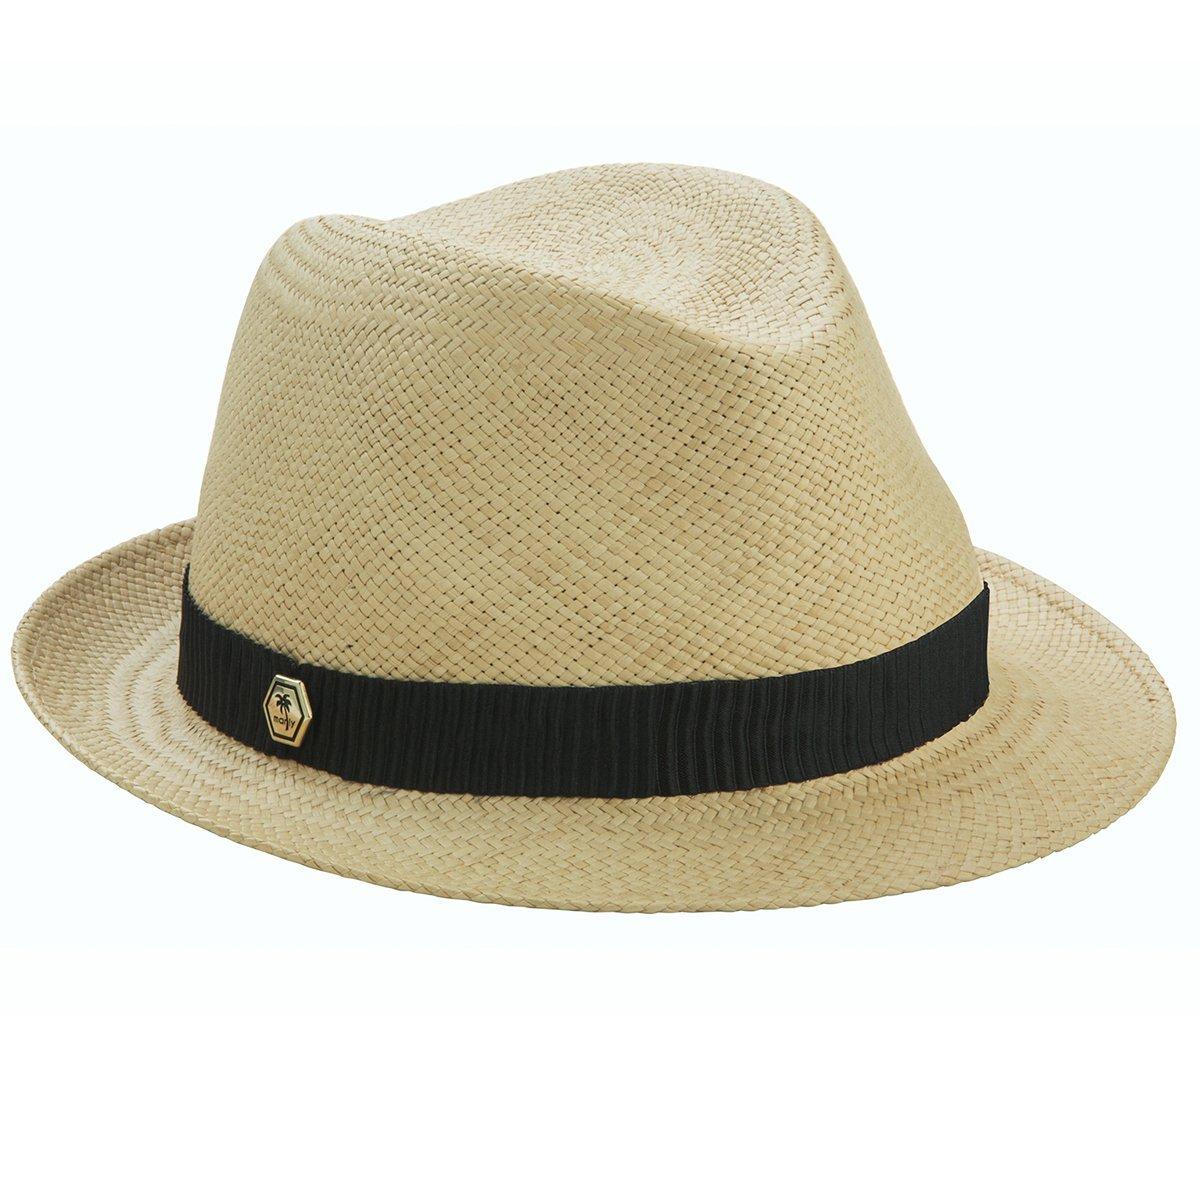 1cbb729b56 Chapéu Fedora Panamá Manly   Manly